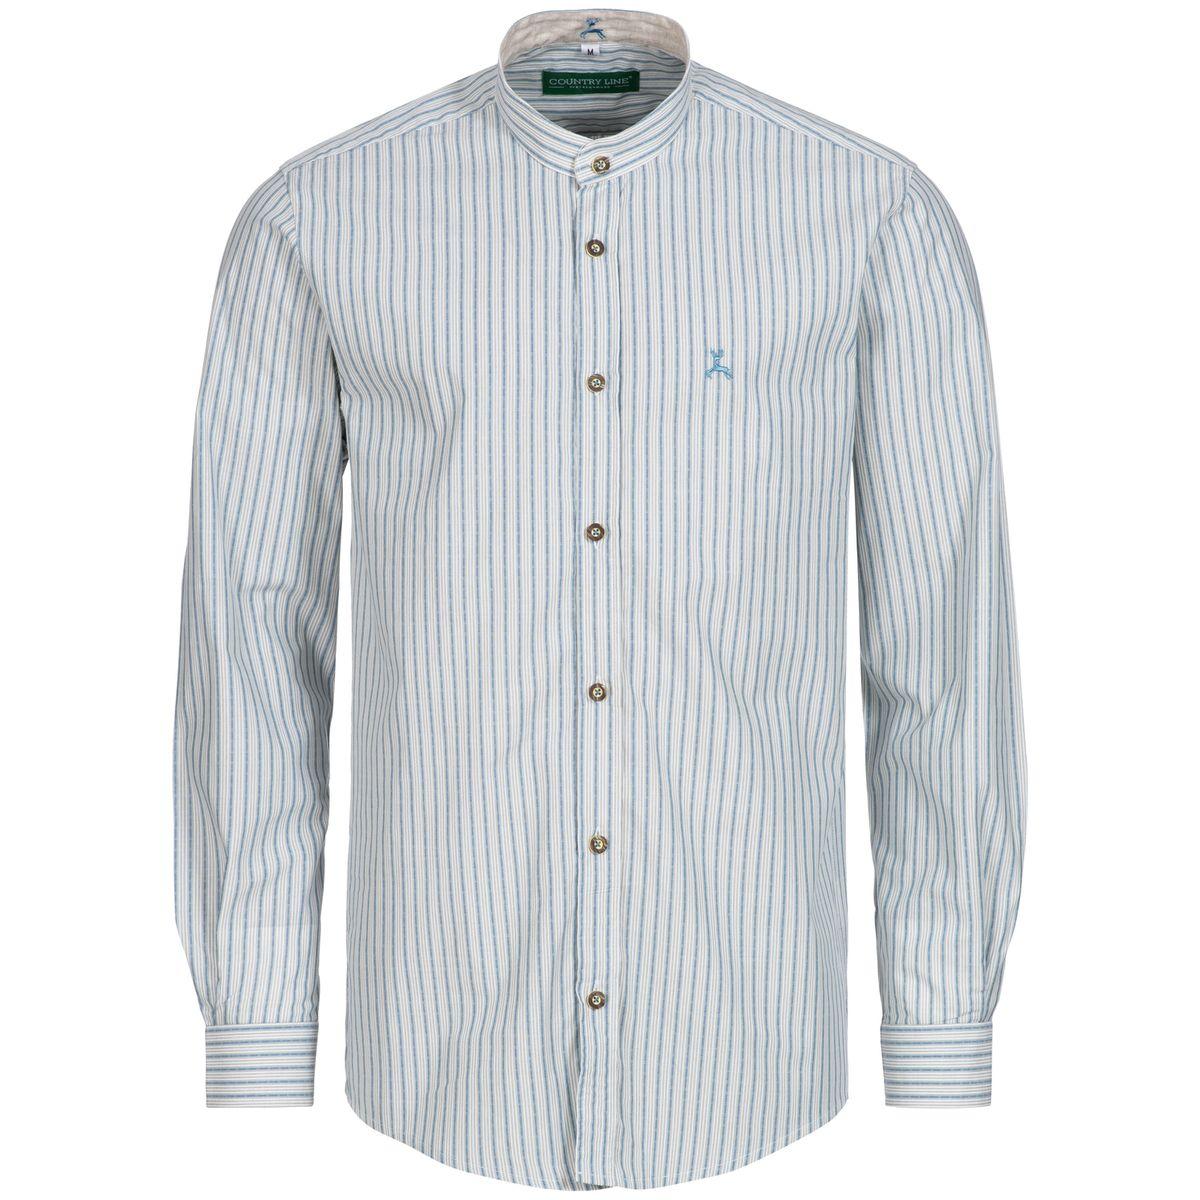 Trachtenhemd Herbert in Weiß von Country Line günstig online kaufen